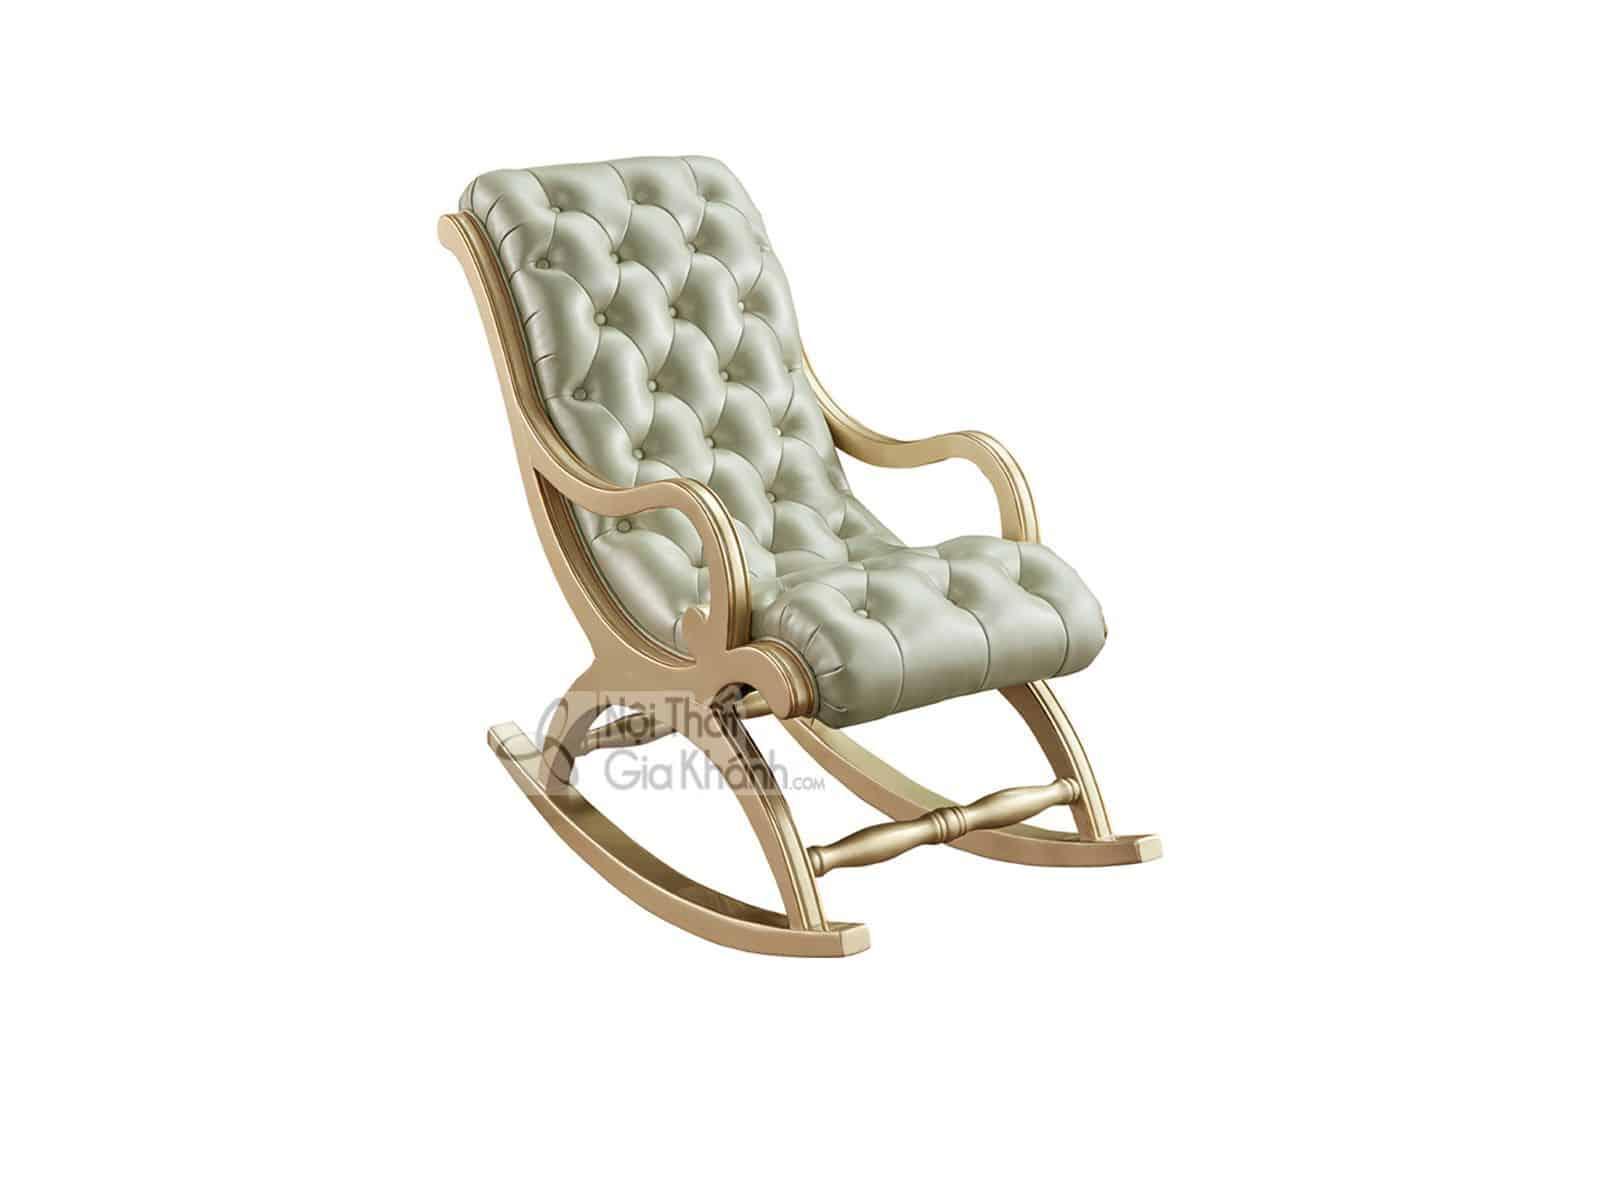 ghe sofa thu gian tan co dien go gk8801s 2 - Ghế thư giãn có đôn gác chân phong cách tân cổ điển GT8801A (Mẫu mới nhất)